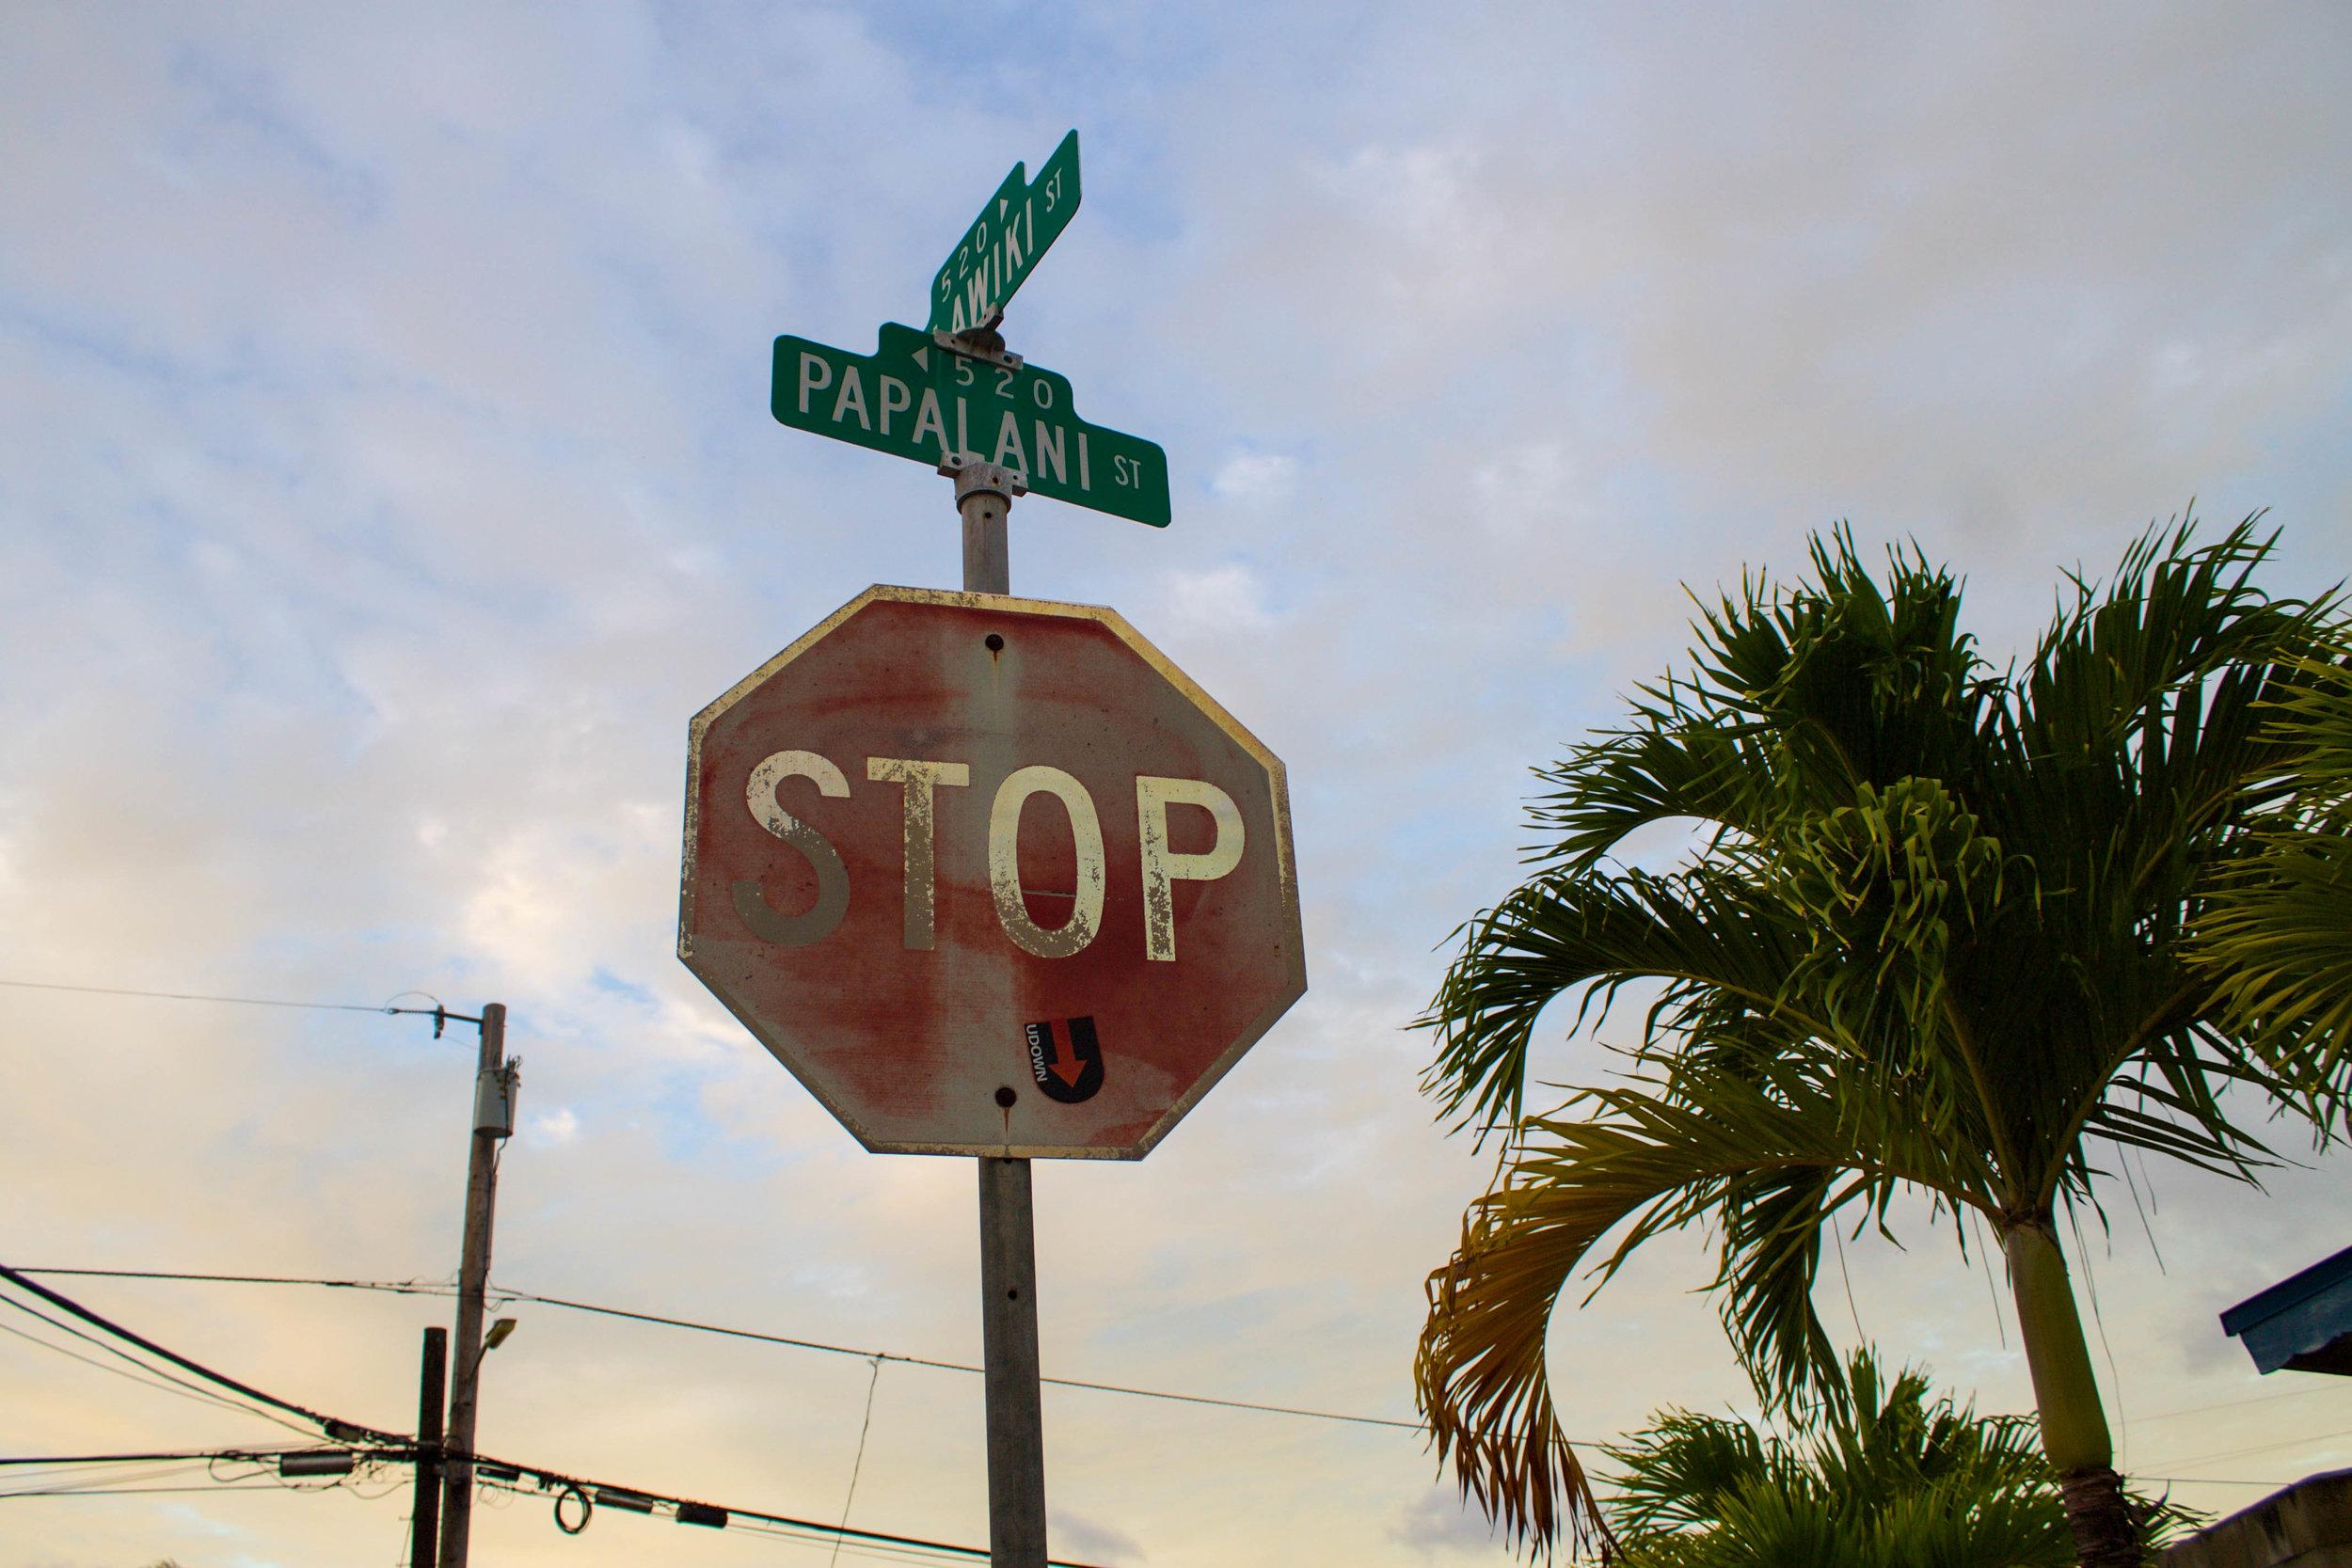 papalani-street-kailua.jpg